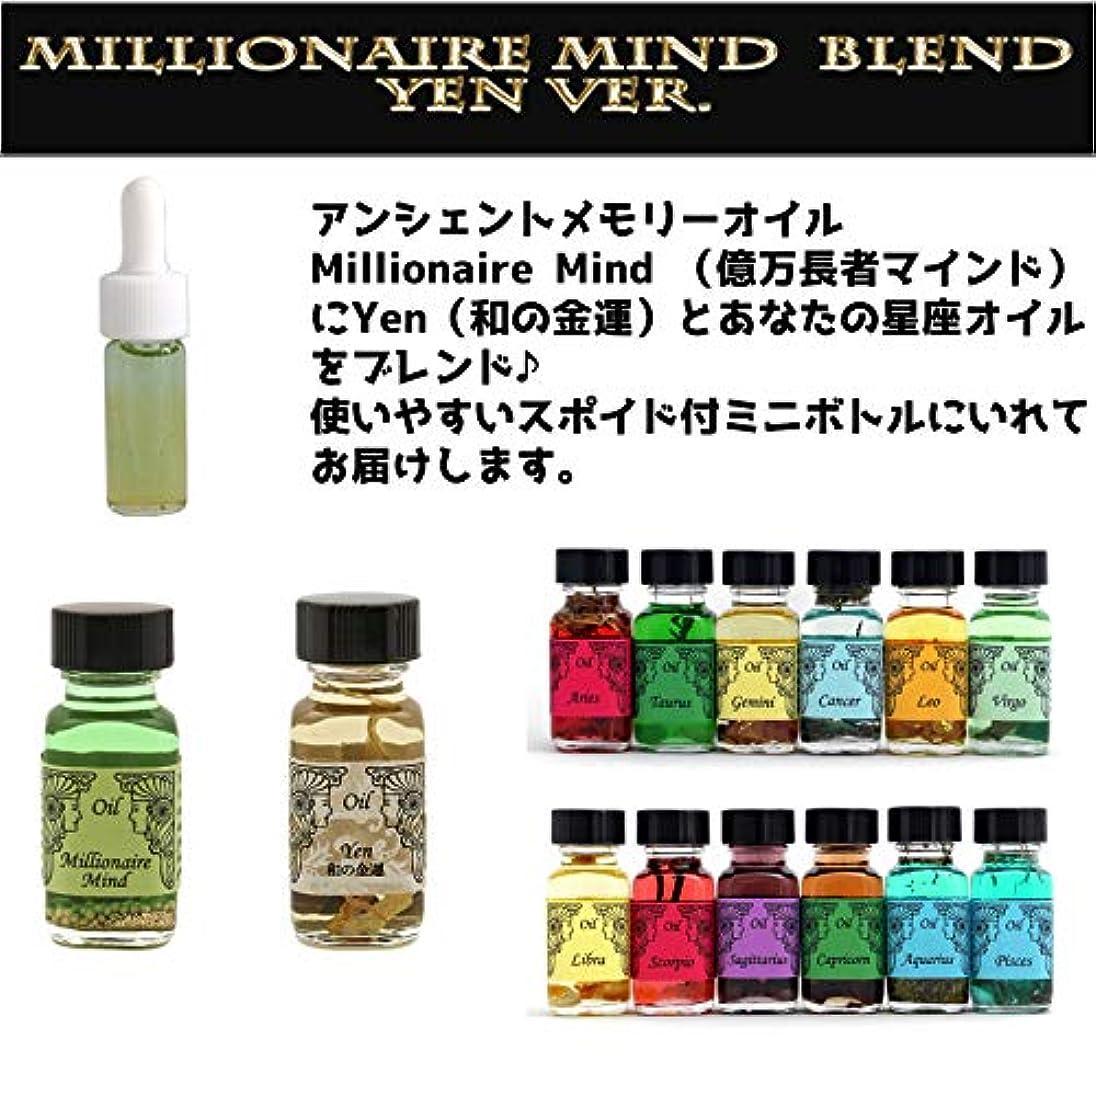 下品ペッカディロキリスト教アンシェントメモリーオイル Millionaire Mind 億万長者マインド ブレンド【Yen 和の金運&いて座】